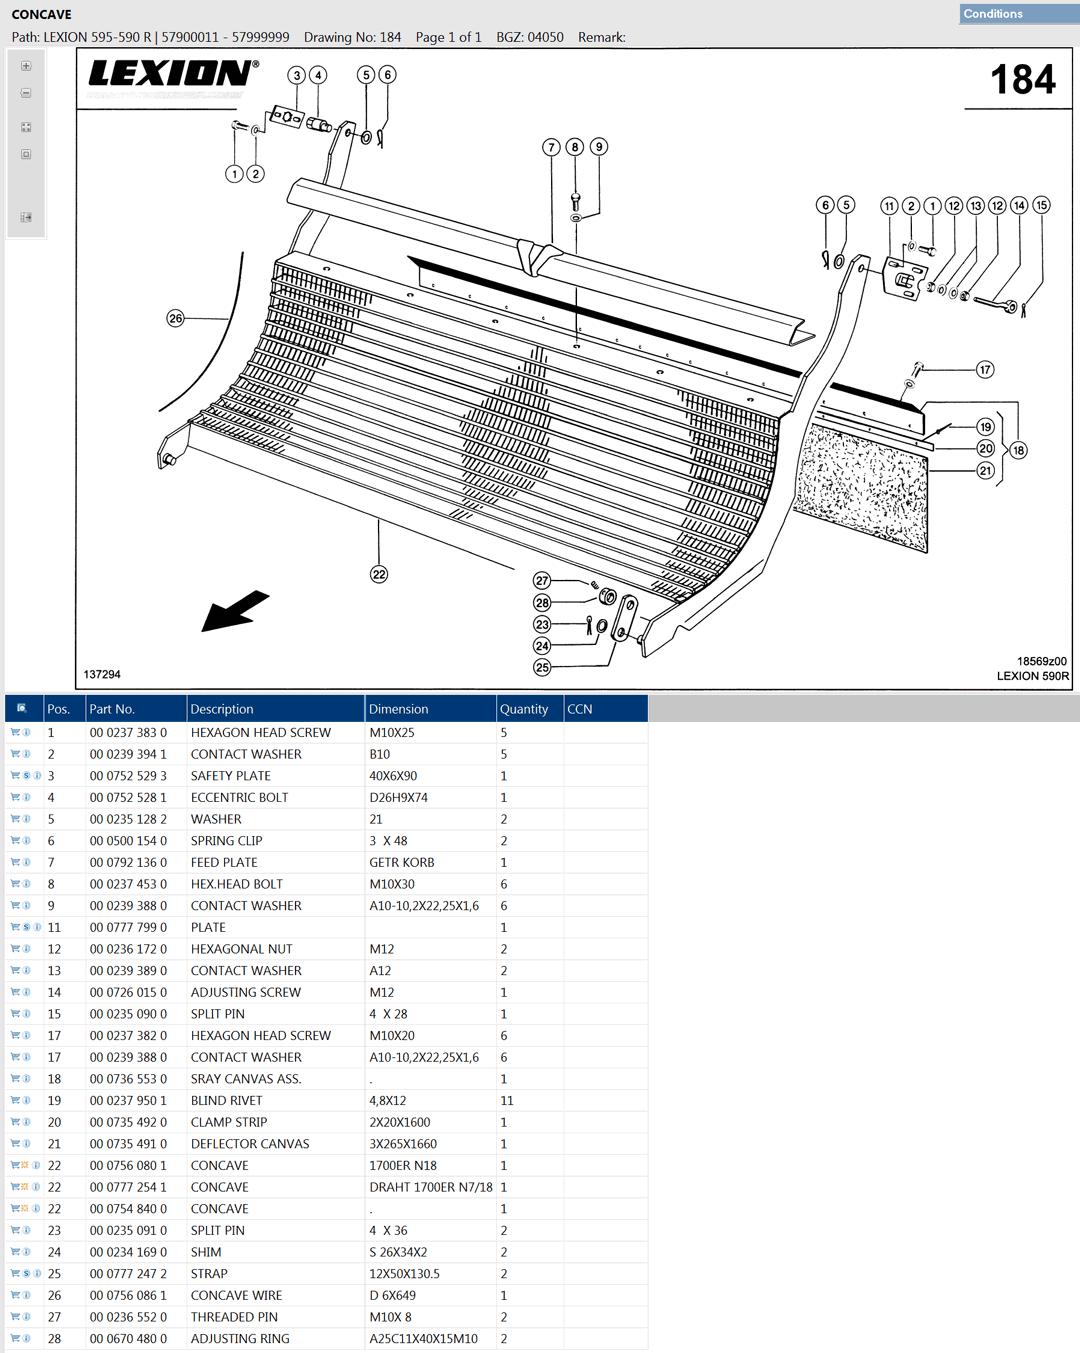 Lexion 595R parts and scheme - concave